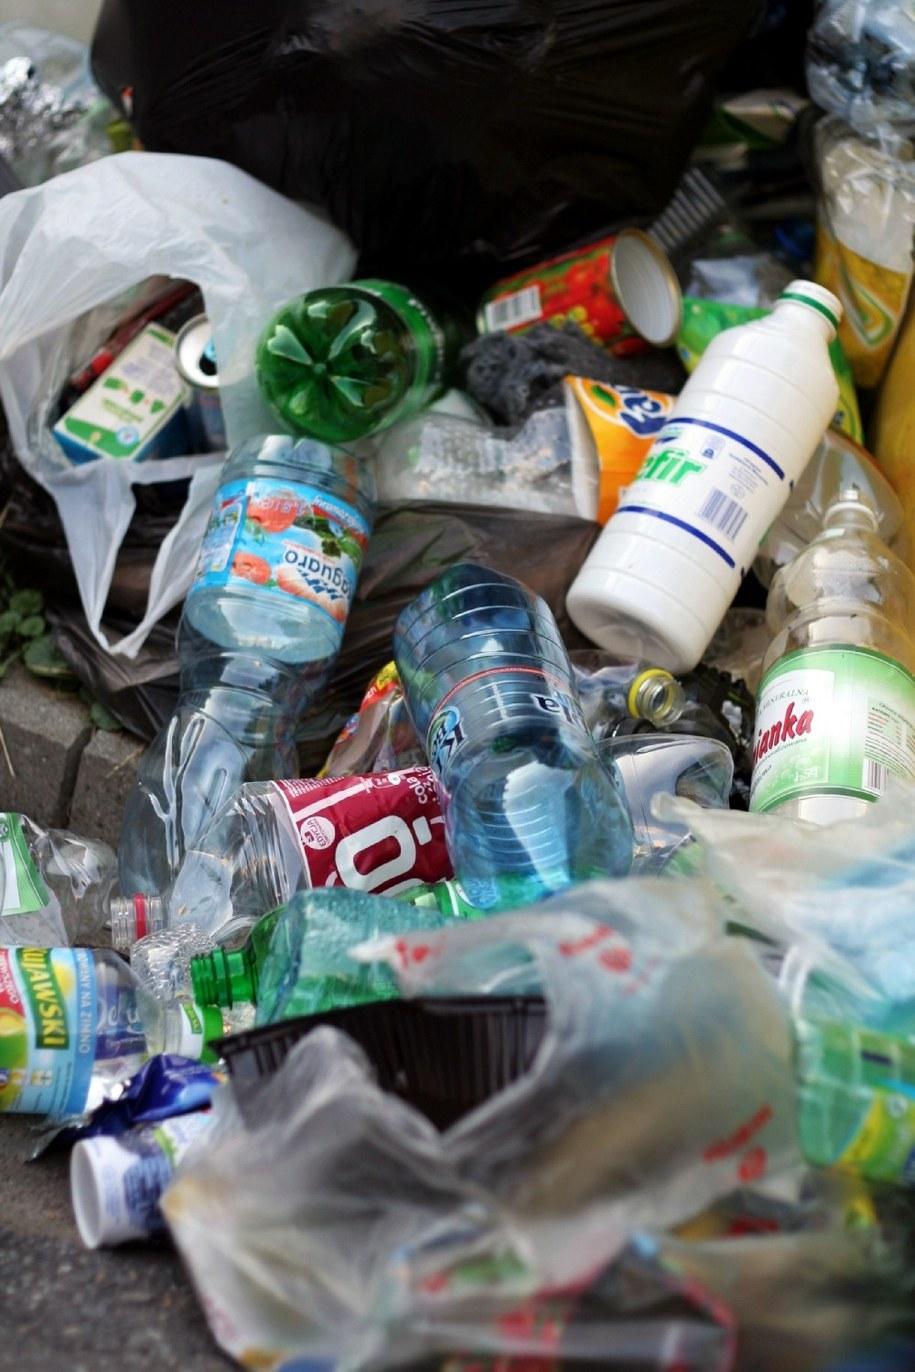 Badanie jednoznacznie pokazuje krytyczny stosunek mieszkańców śląskiego do śmieciowej reformy /Maciej Nycz /Archiwum RMF FM